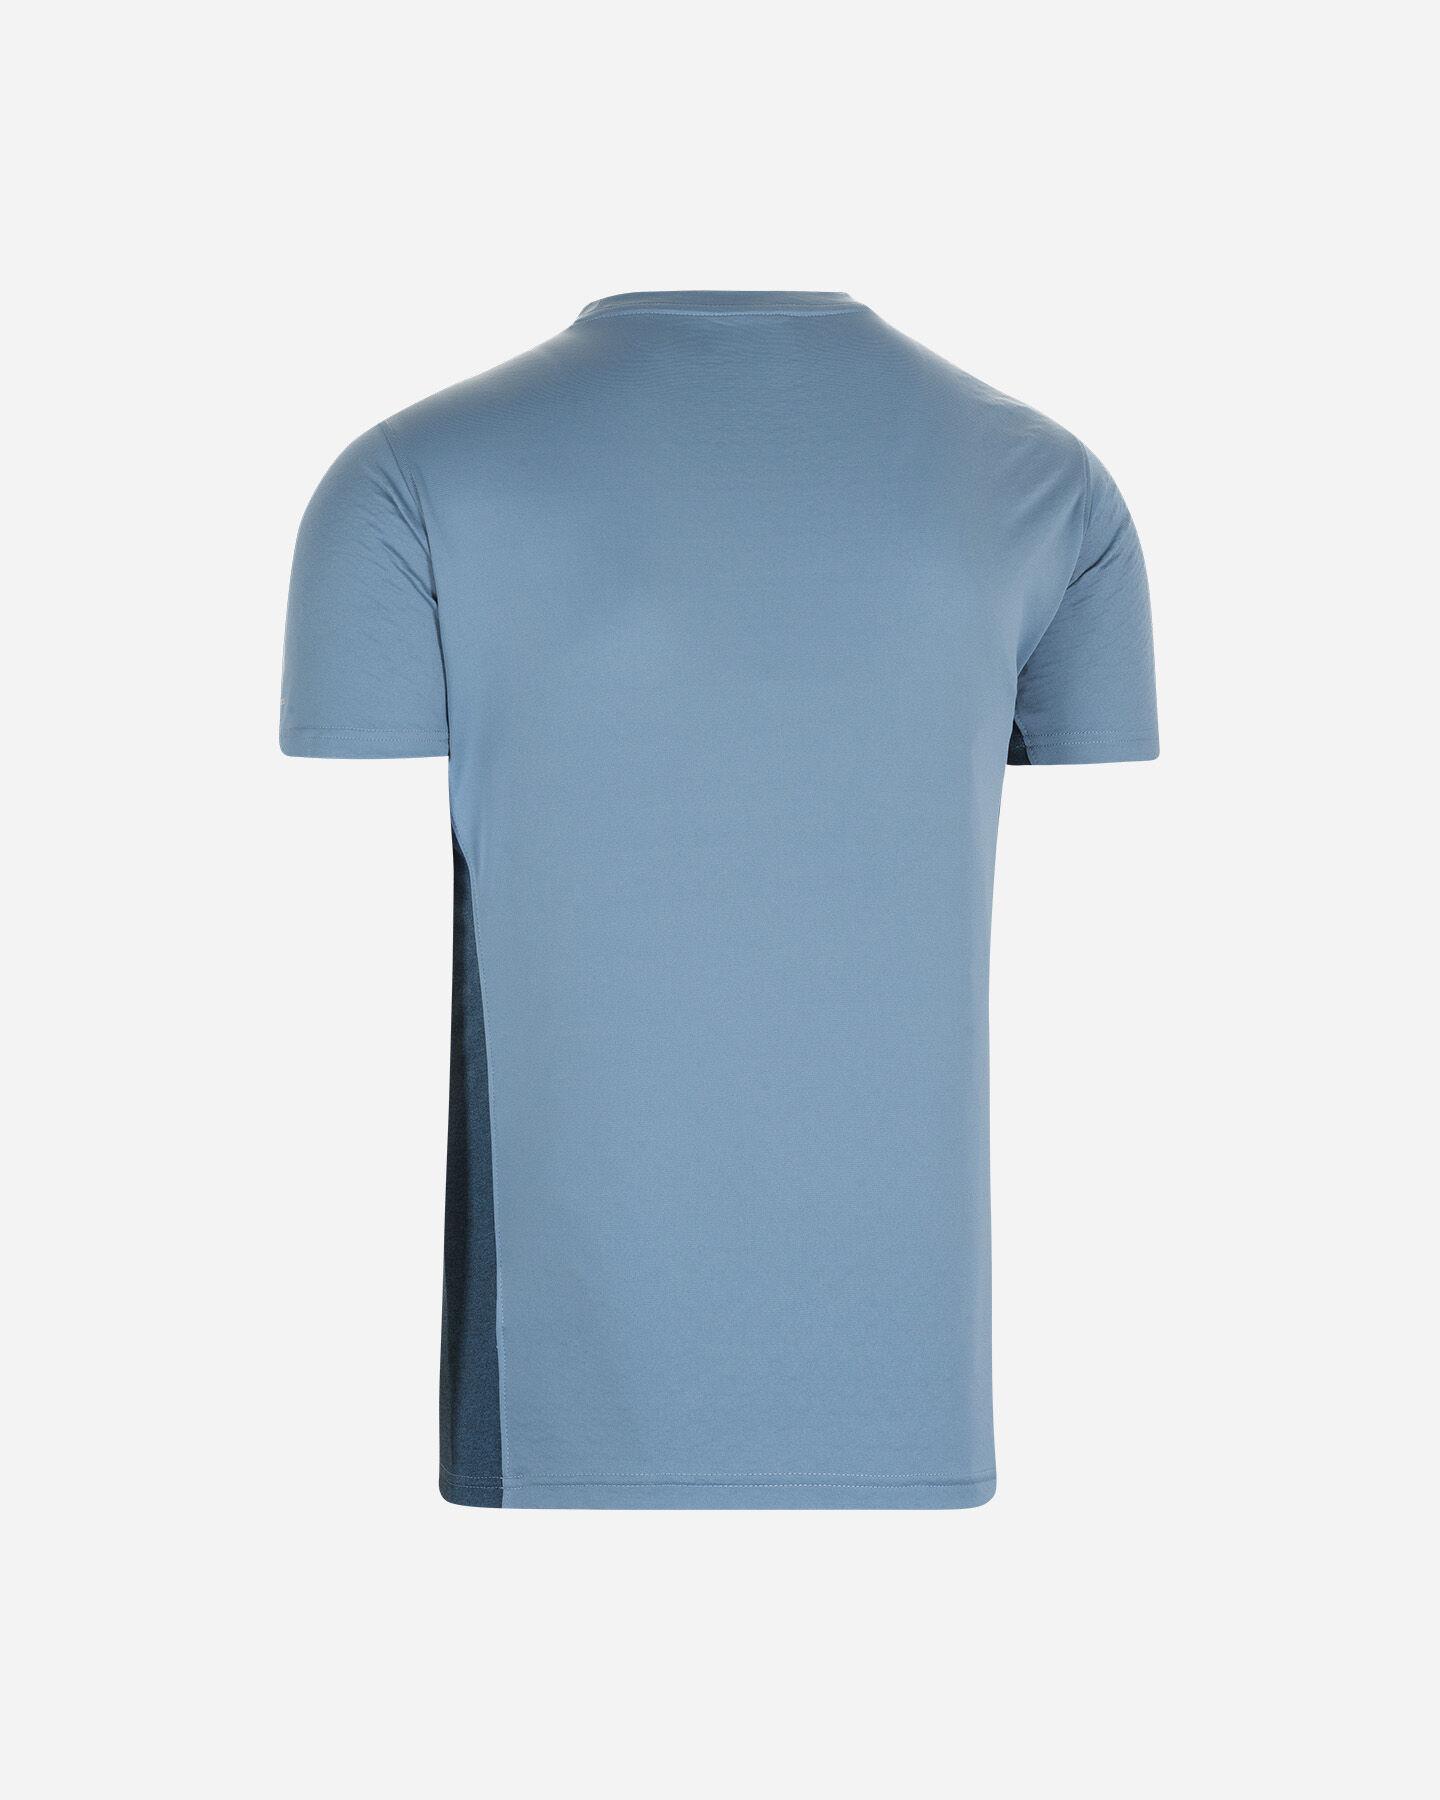 T-Shirt COLUMBIA ZERO ICE CIRRO COOL M S5291800 scatto 1